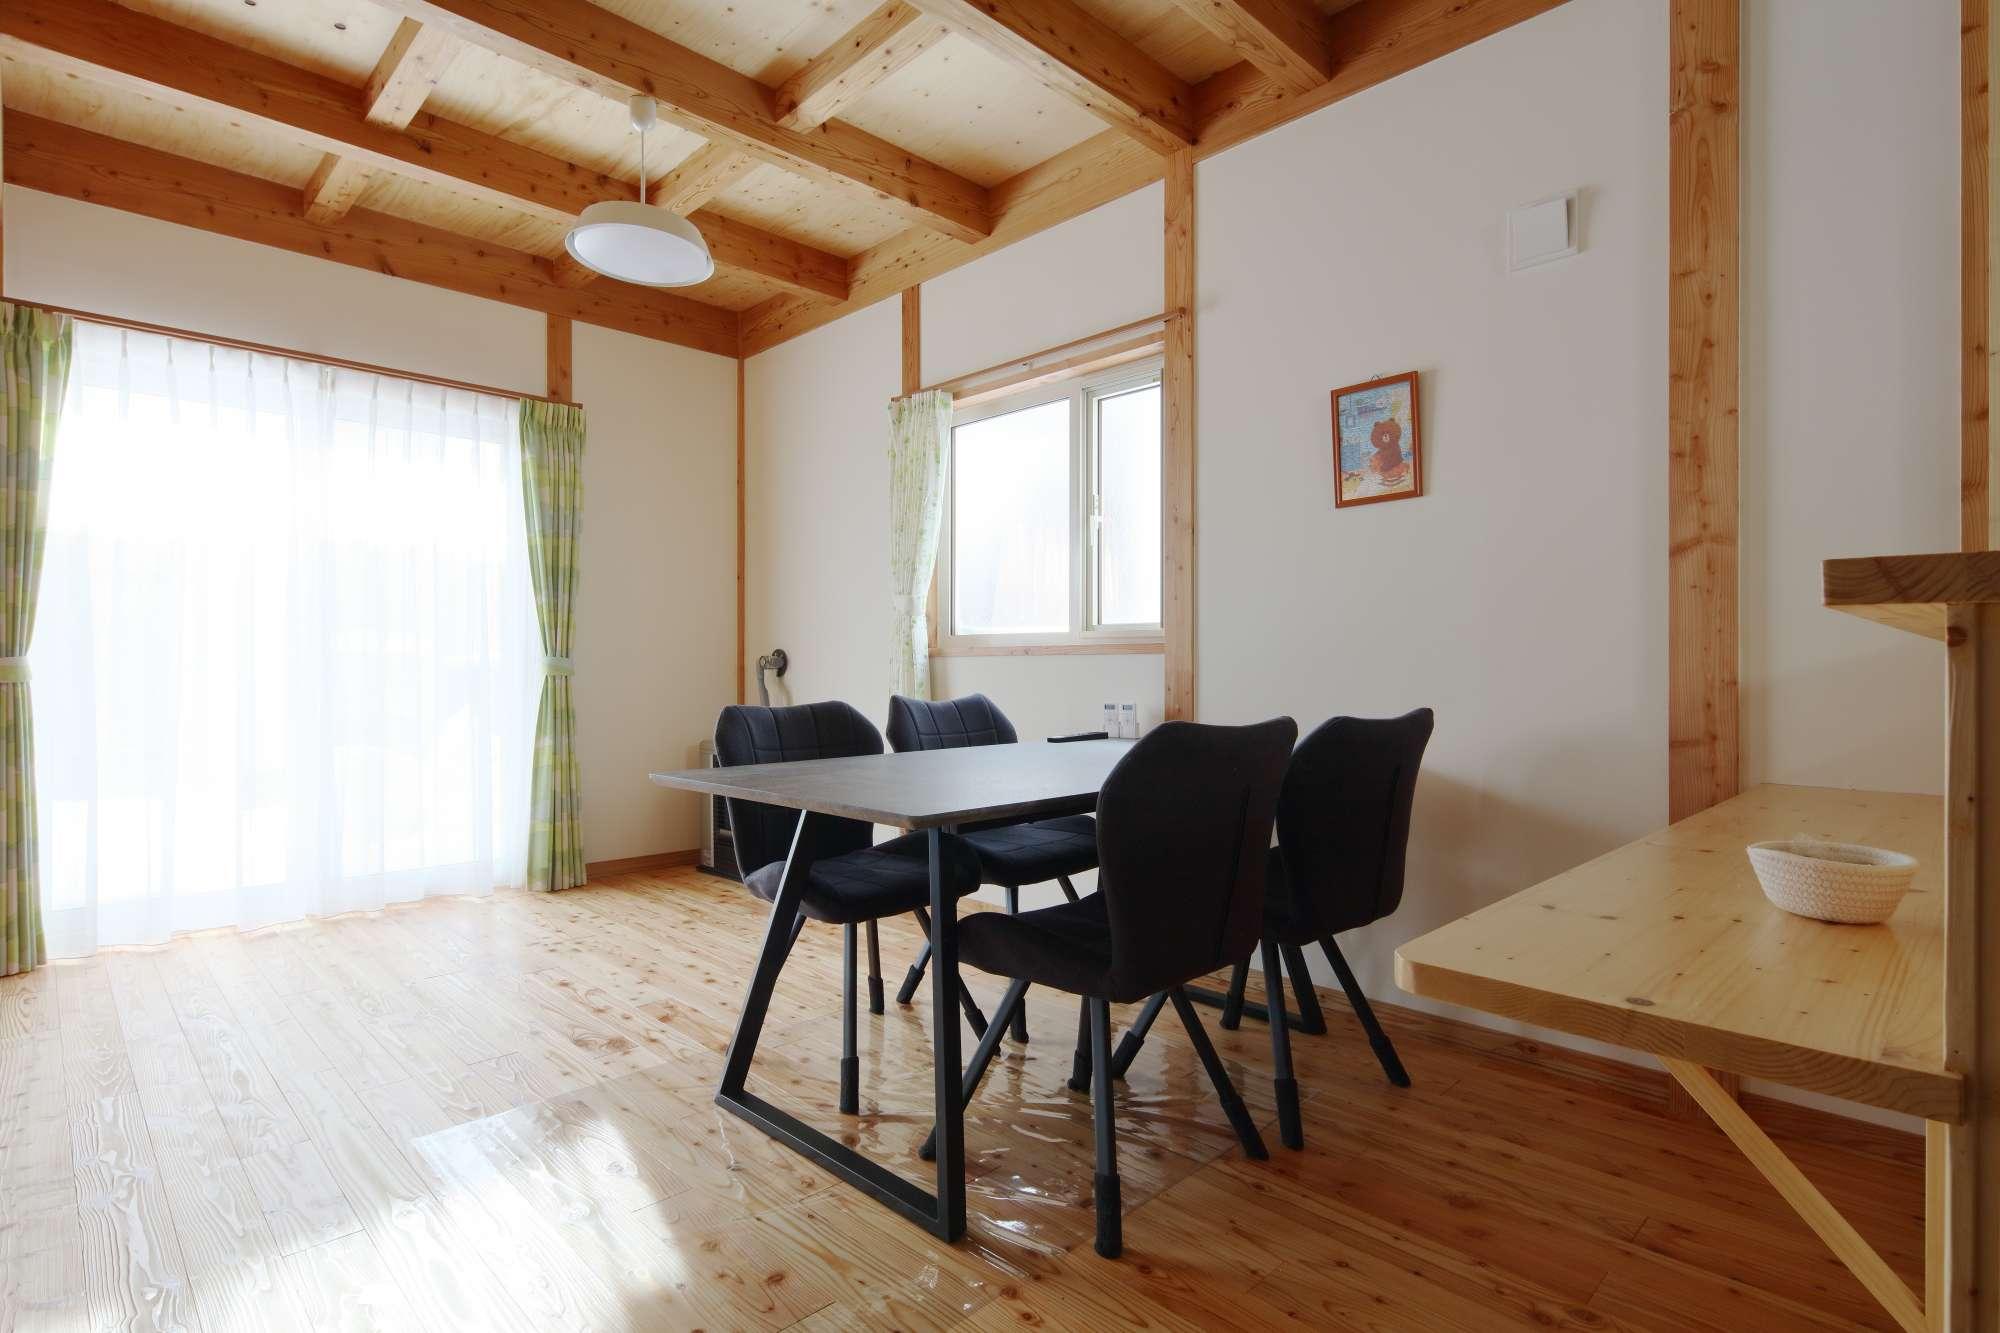 家具を置いてもゆとりの動線で、大人数で集まれるダイニングスペース -  -  -